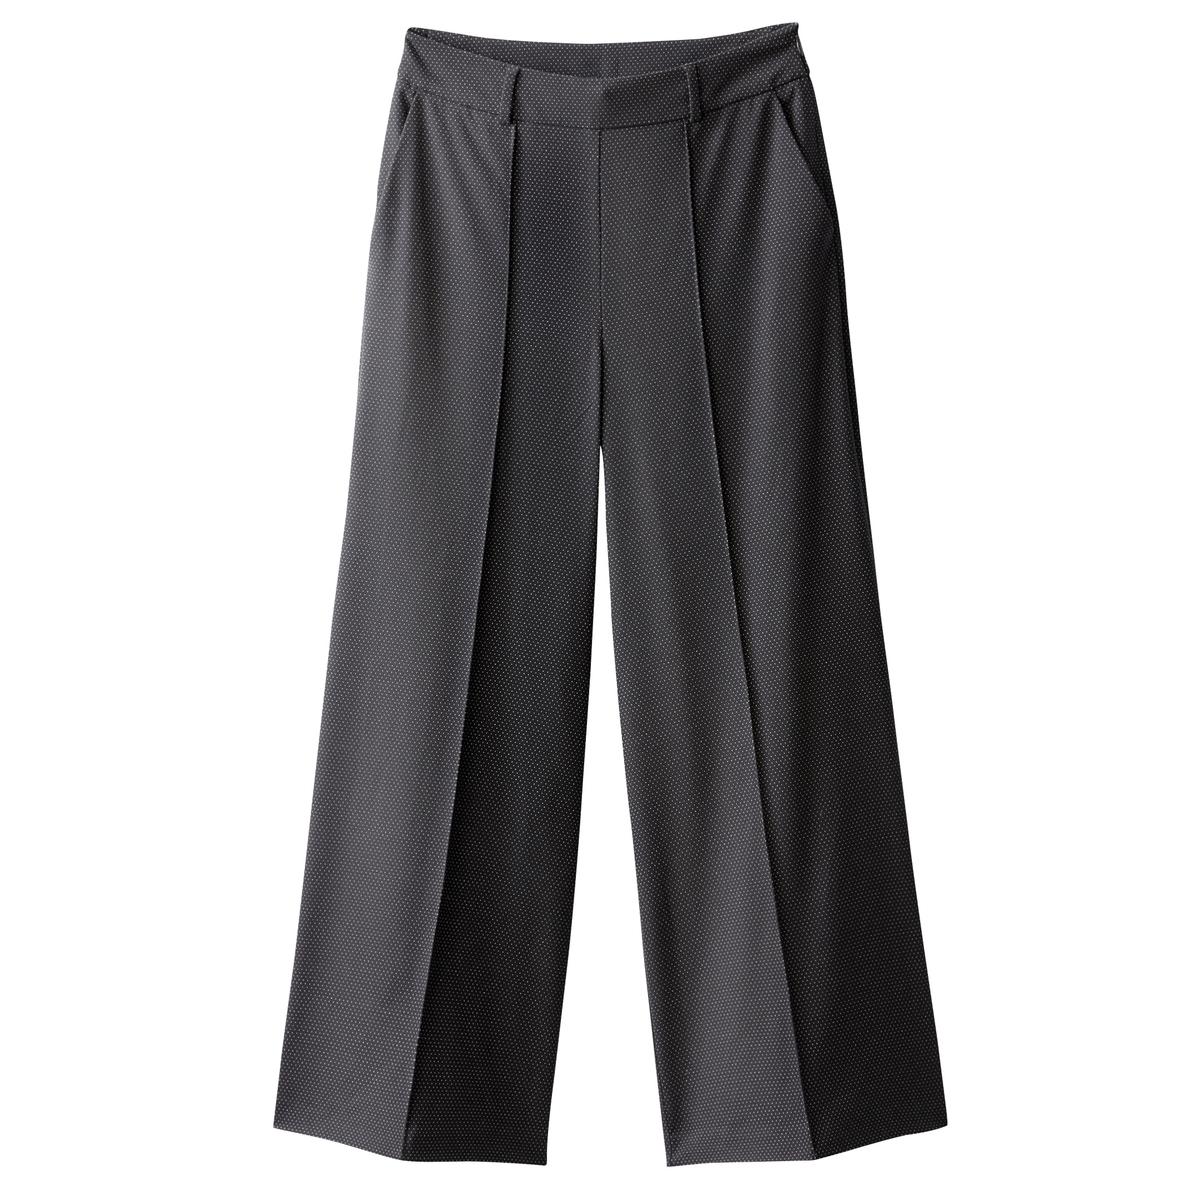 Pantalón ancho de talle alto